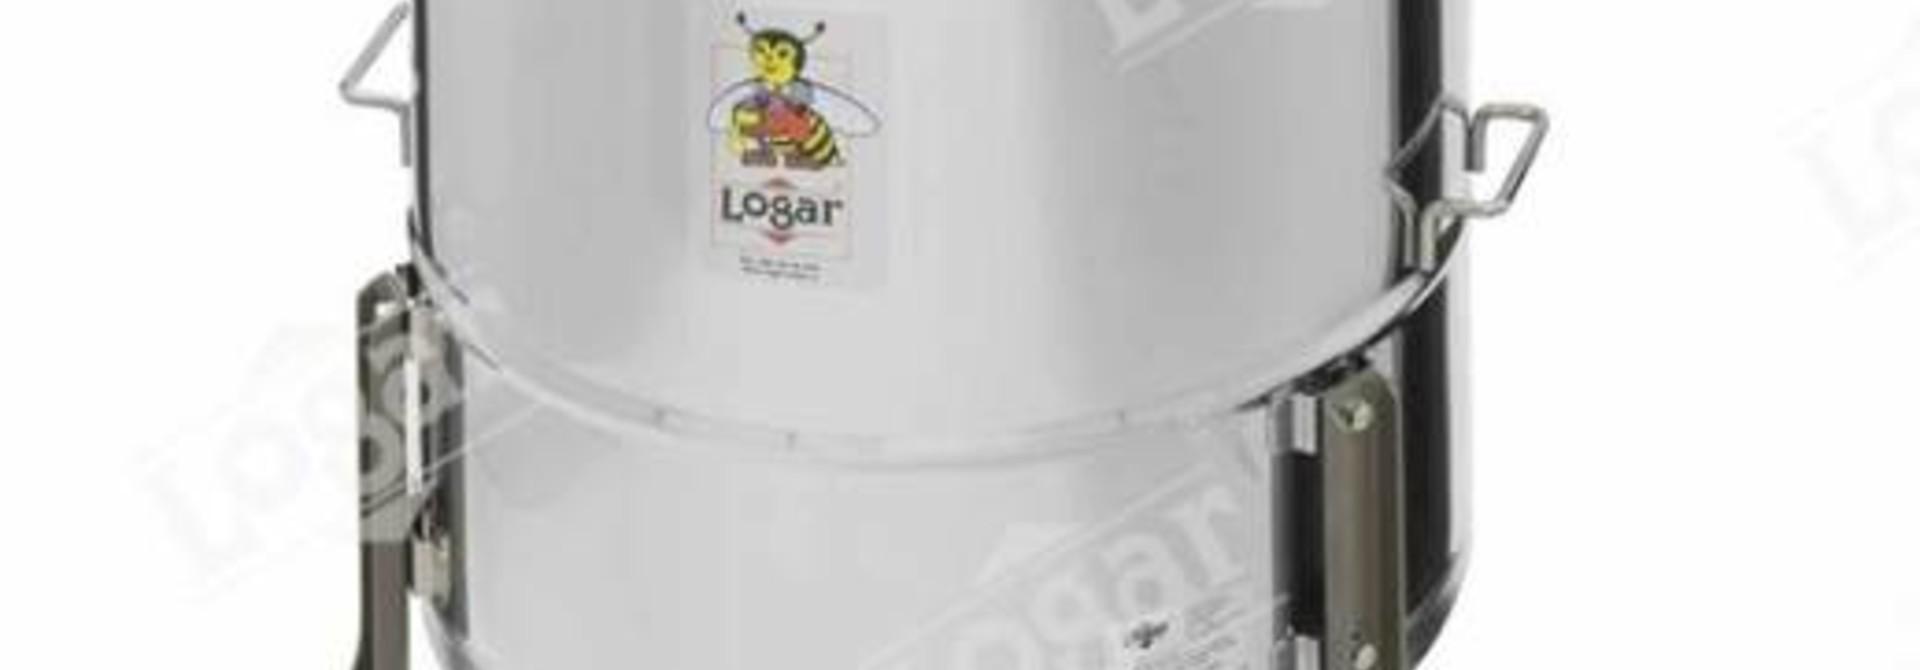 Radiaalslinger 9 ramen Logar - manueel